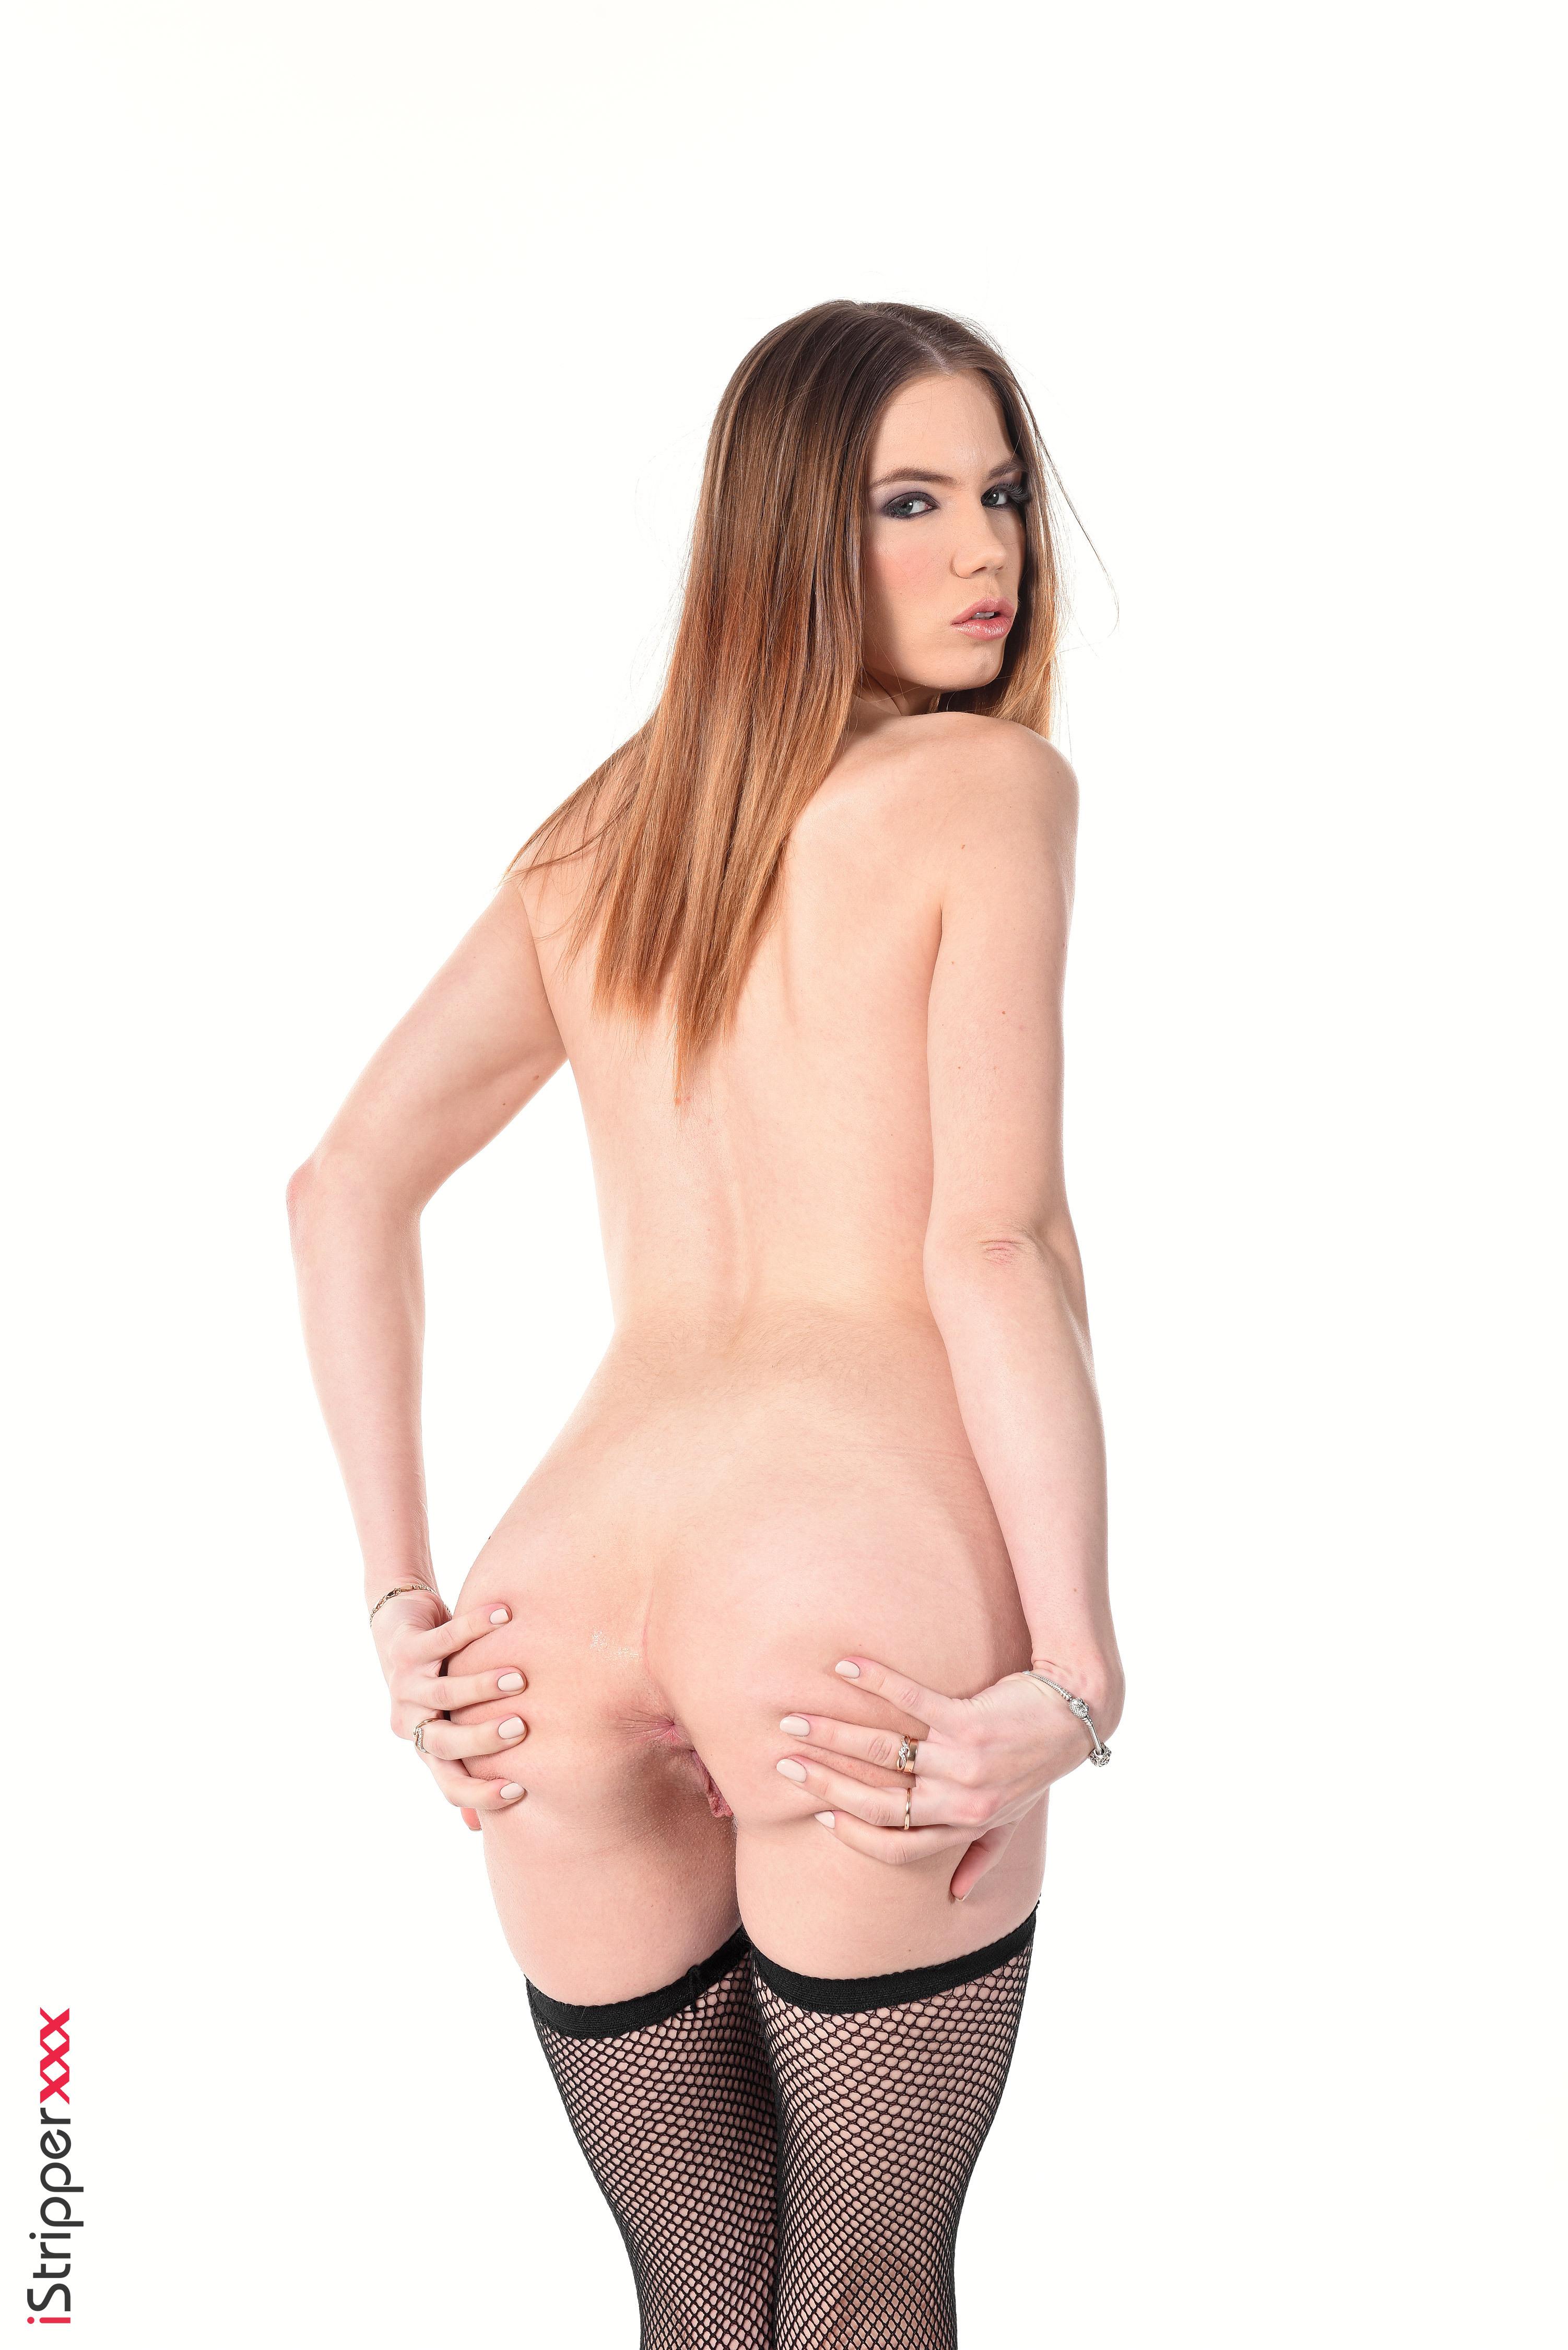 hot naked girl wallpaper